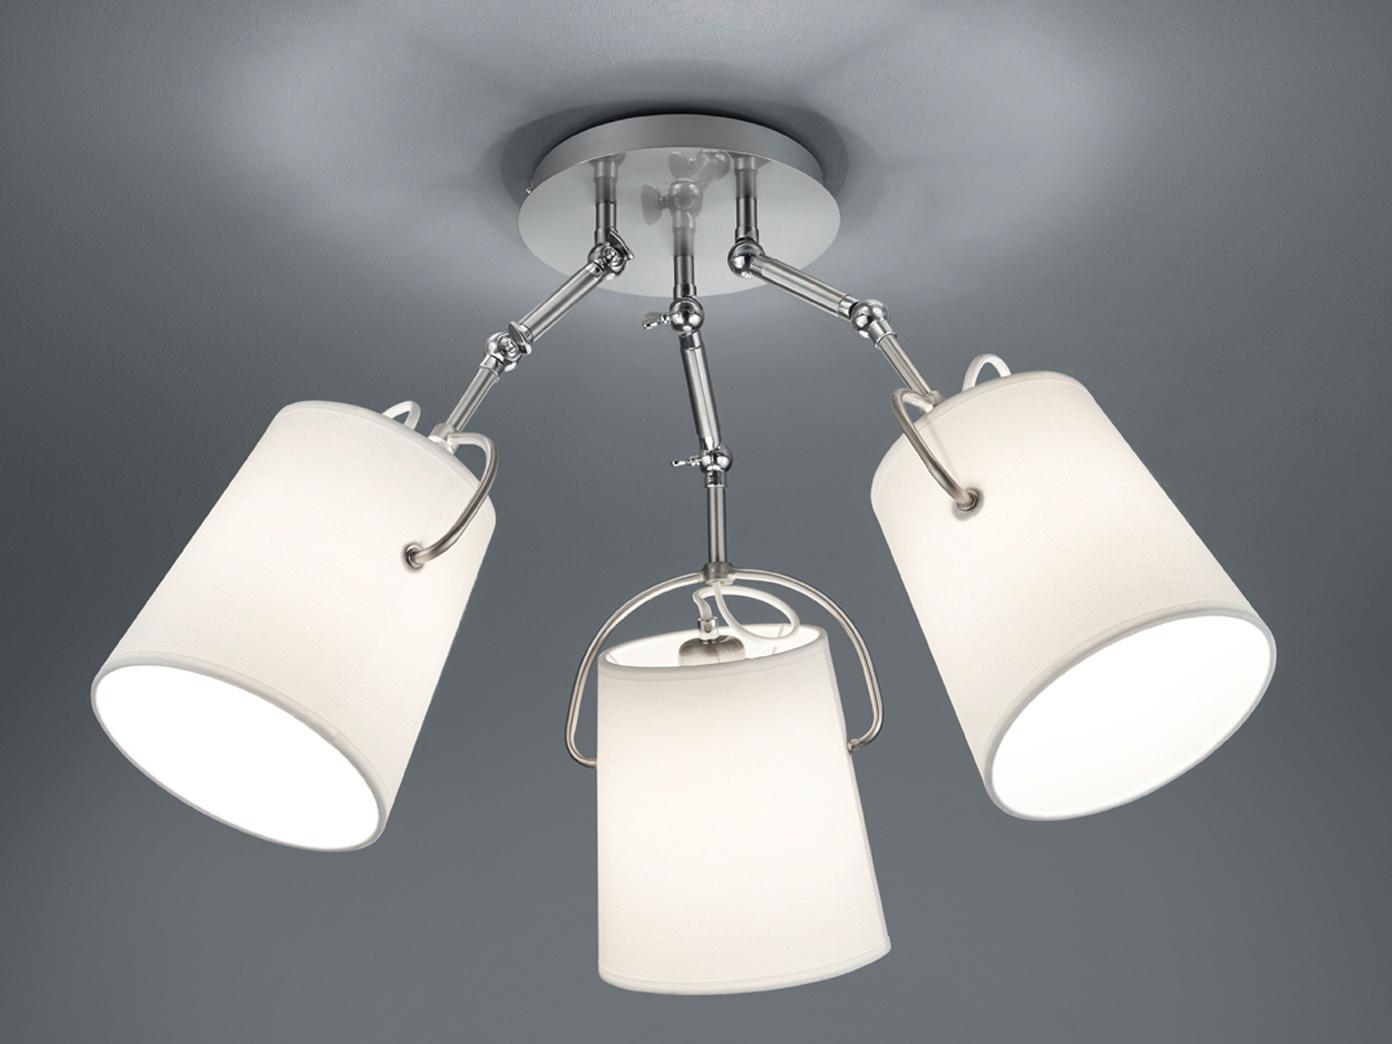 led deckenleuchte stoff lampenschirme schwenkbar weiss o74cm wohnzimmerlampen 1